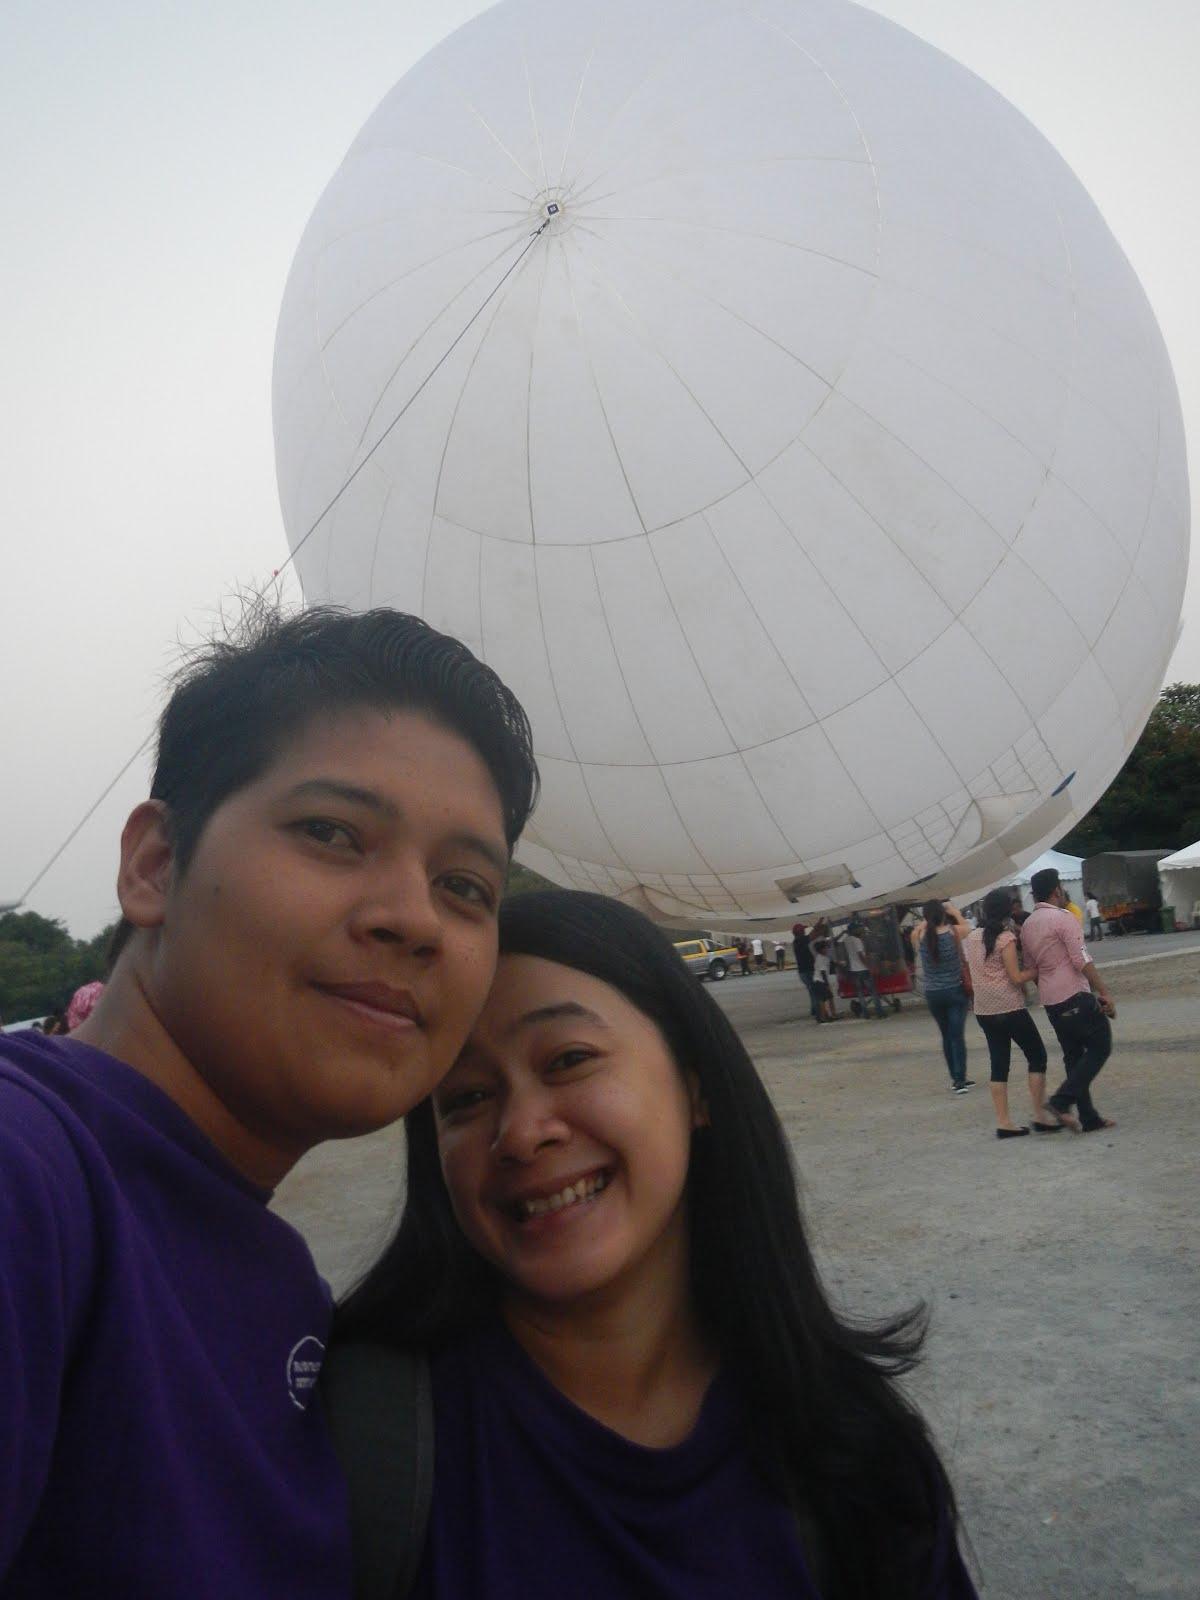 7th International Hot Air Balloon Fiesta 2015